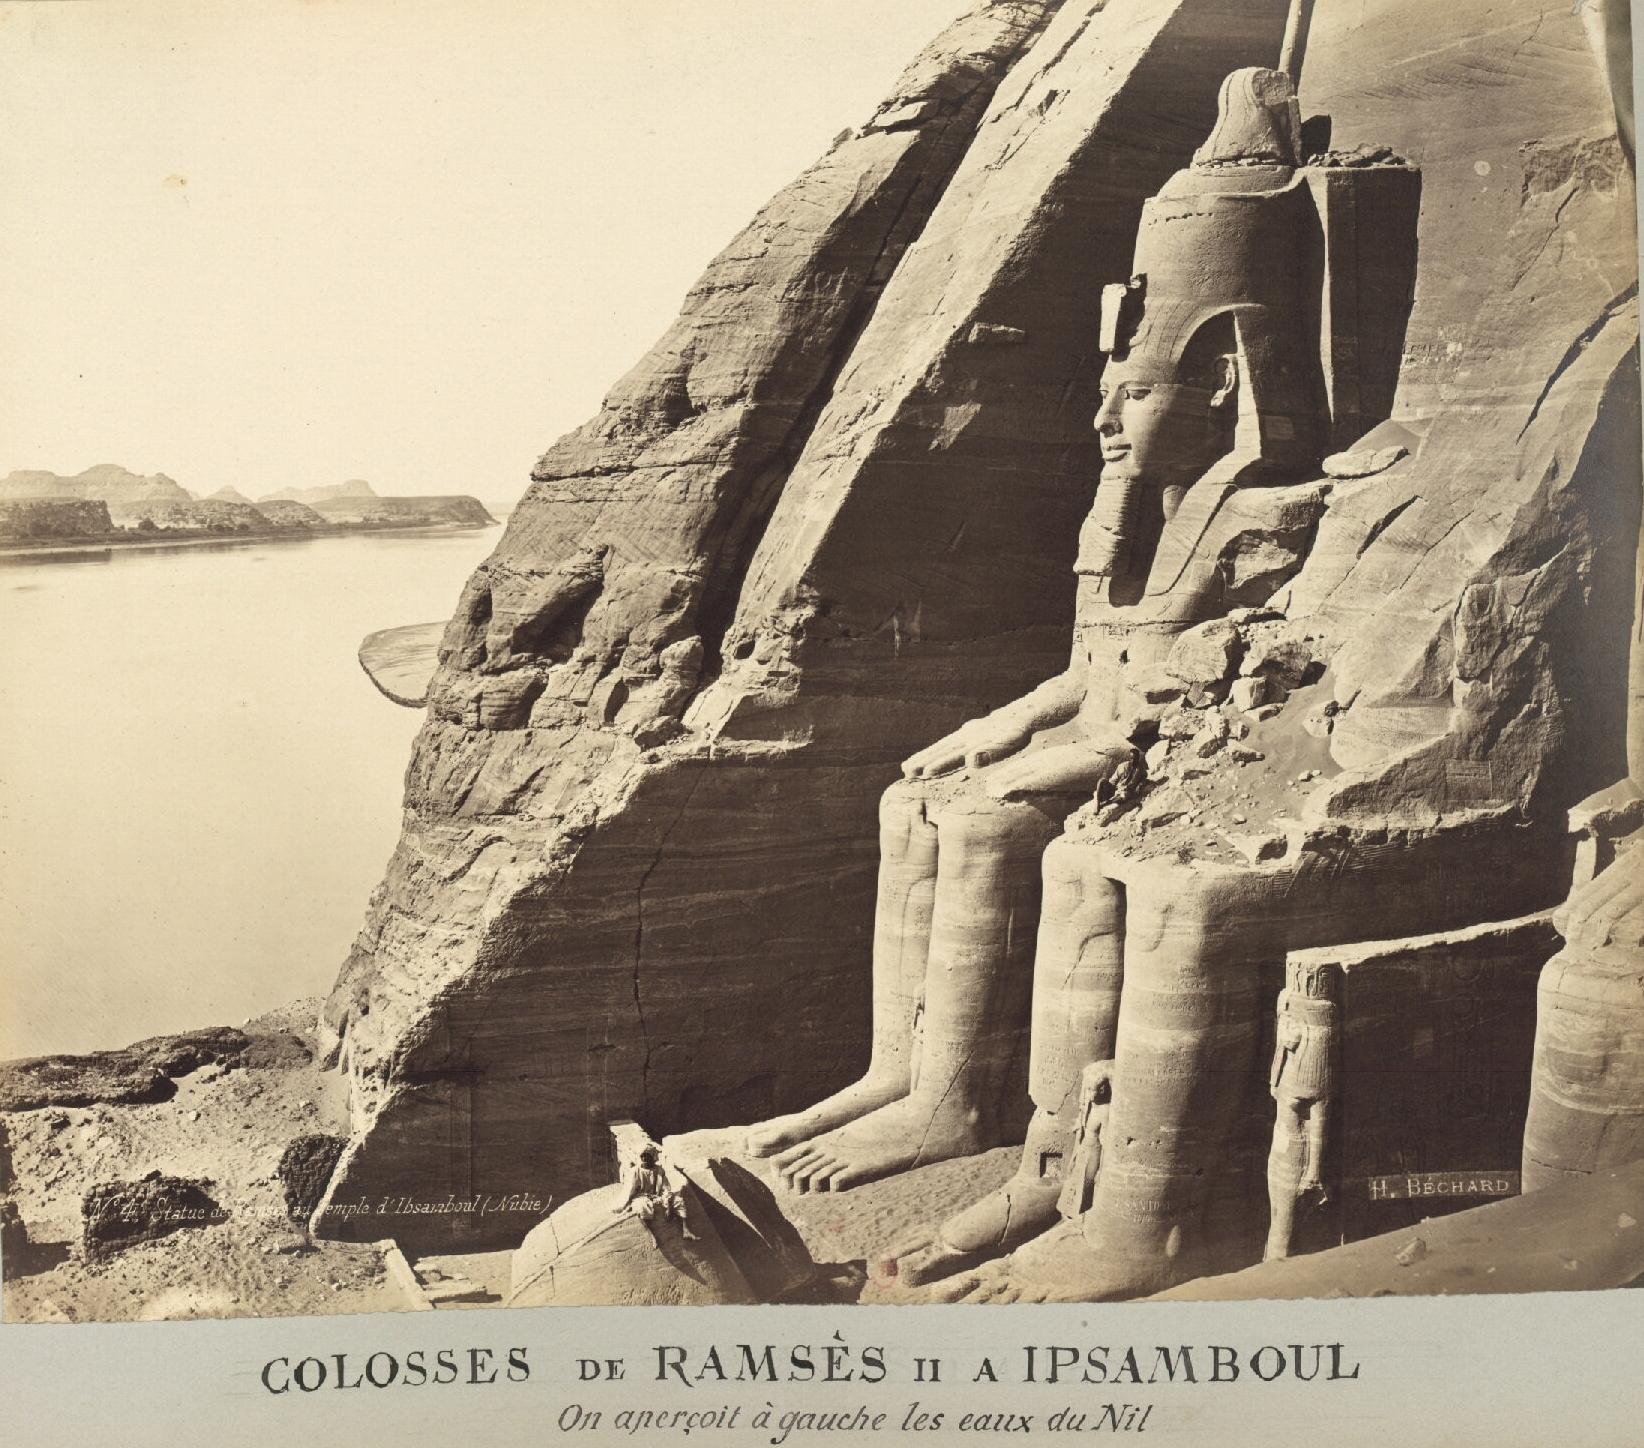 Абу-Симбел. Колоссы Рамзеса II в Ипсамбуле (Нубия). Слева мы видим воды Нила